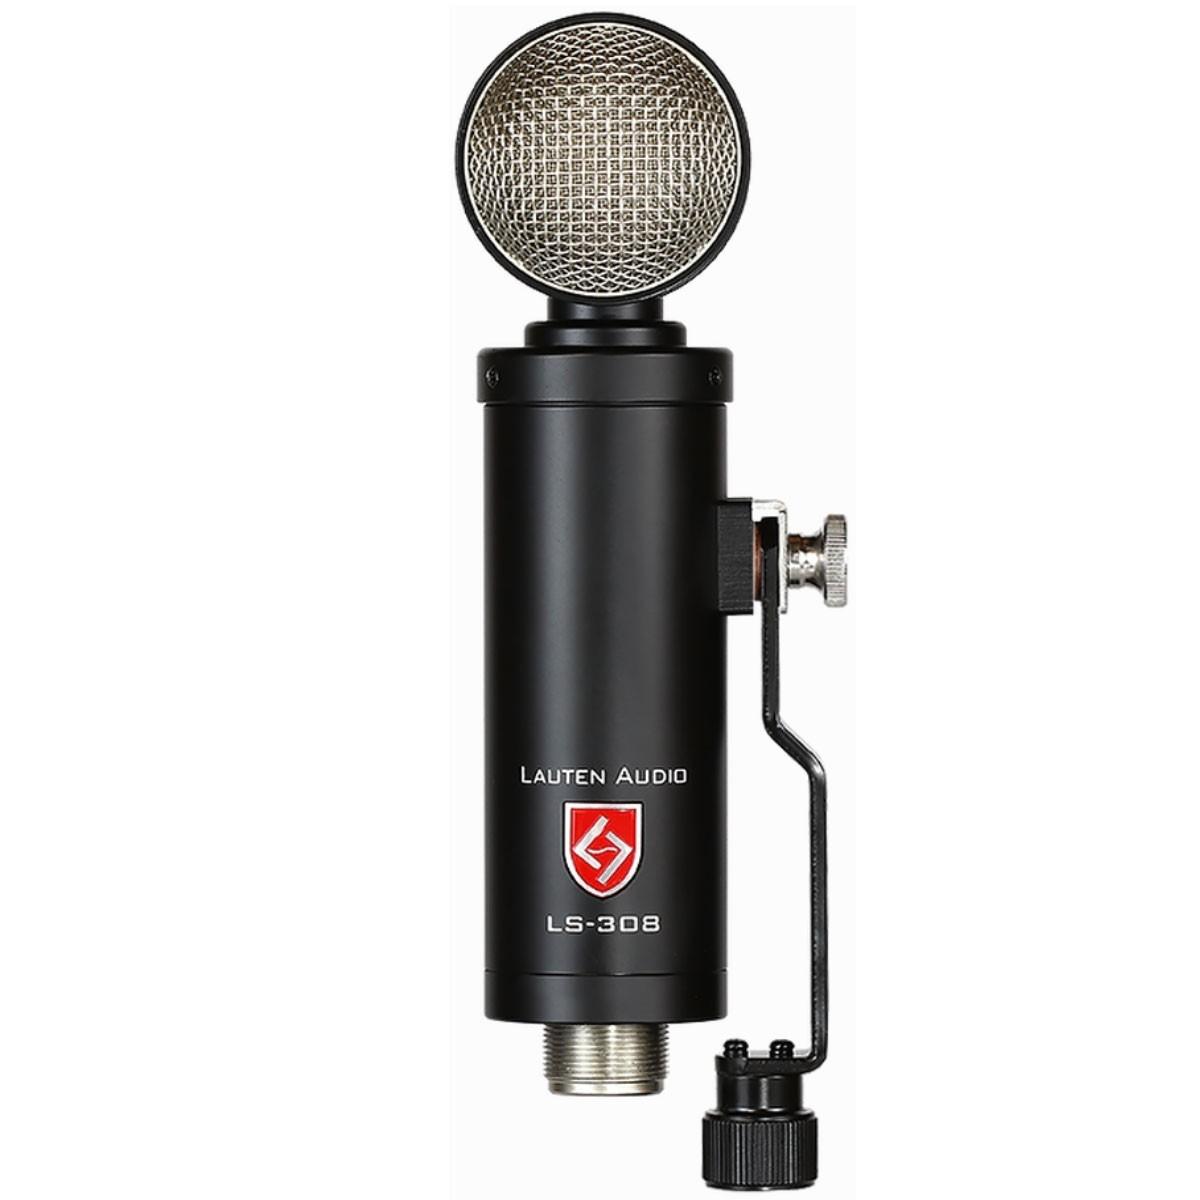 Lauten Audio LS-308 Condenser Microphone » Sonic Circus